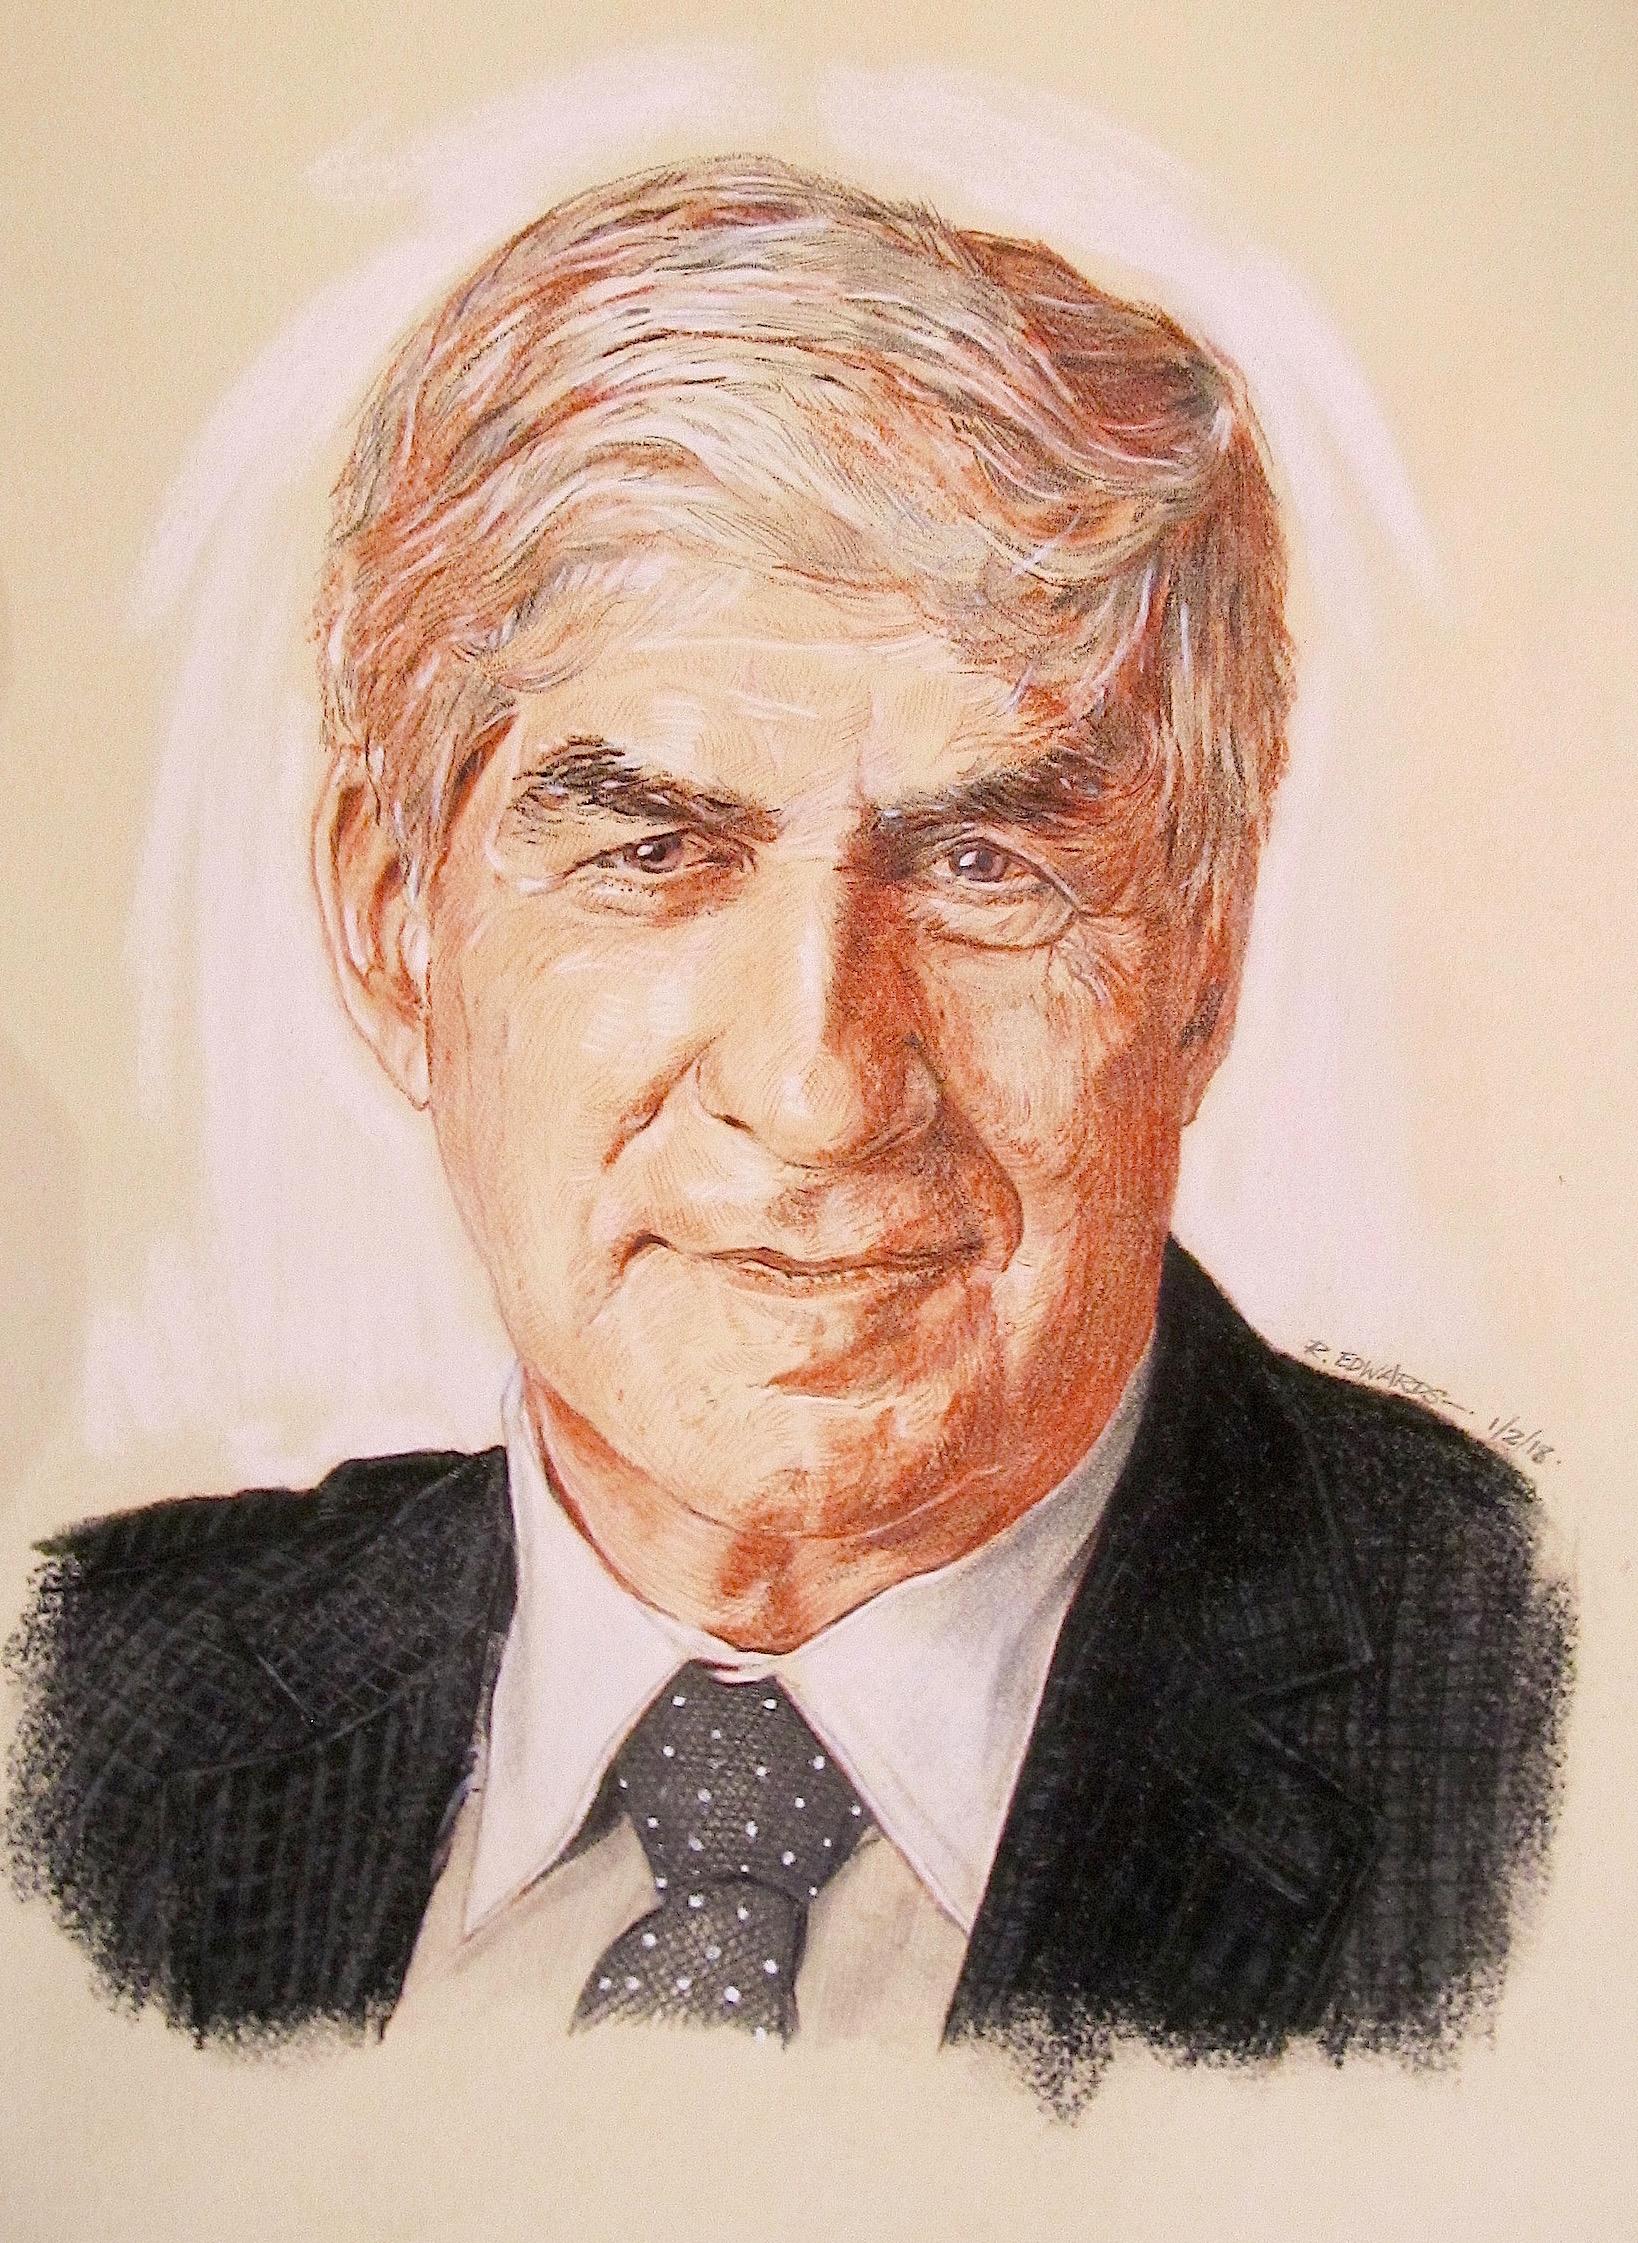 Bruce S. Kovner